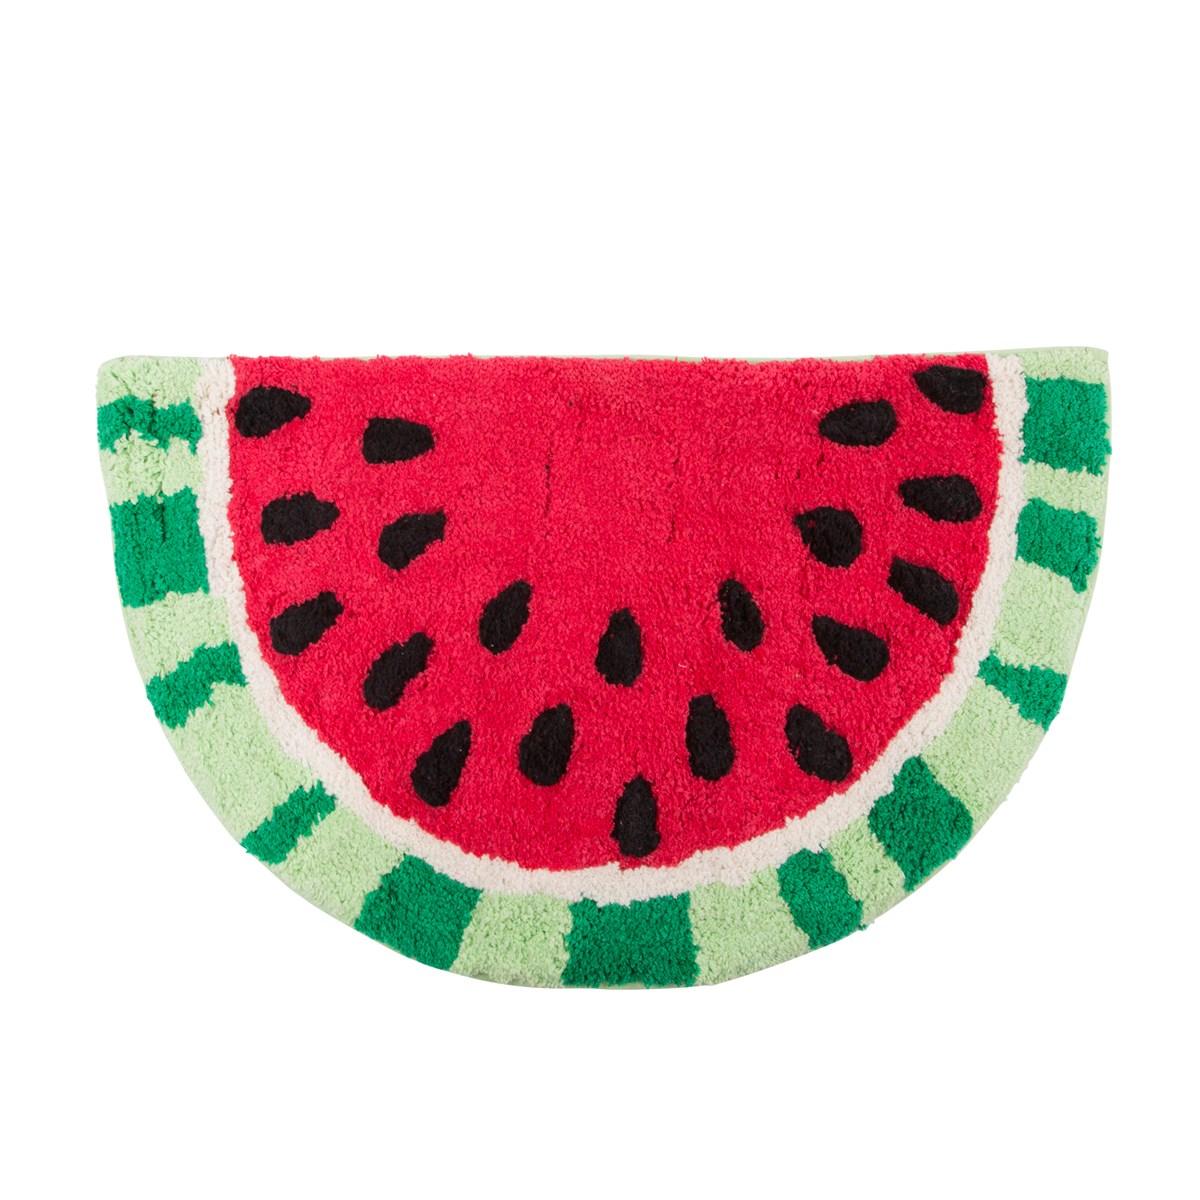 Tapijtje Watermeloen